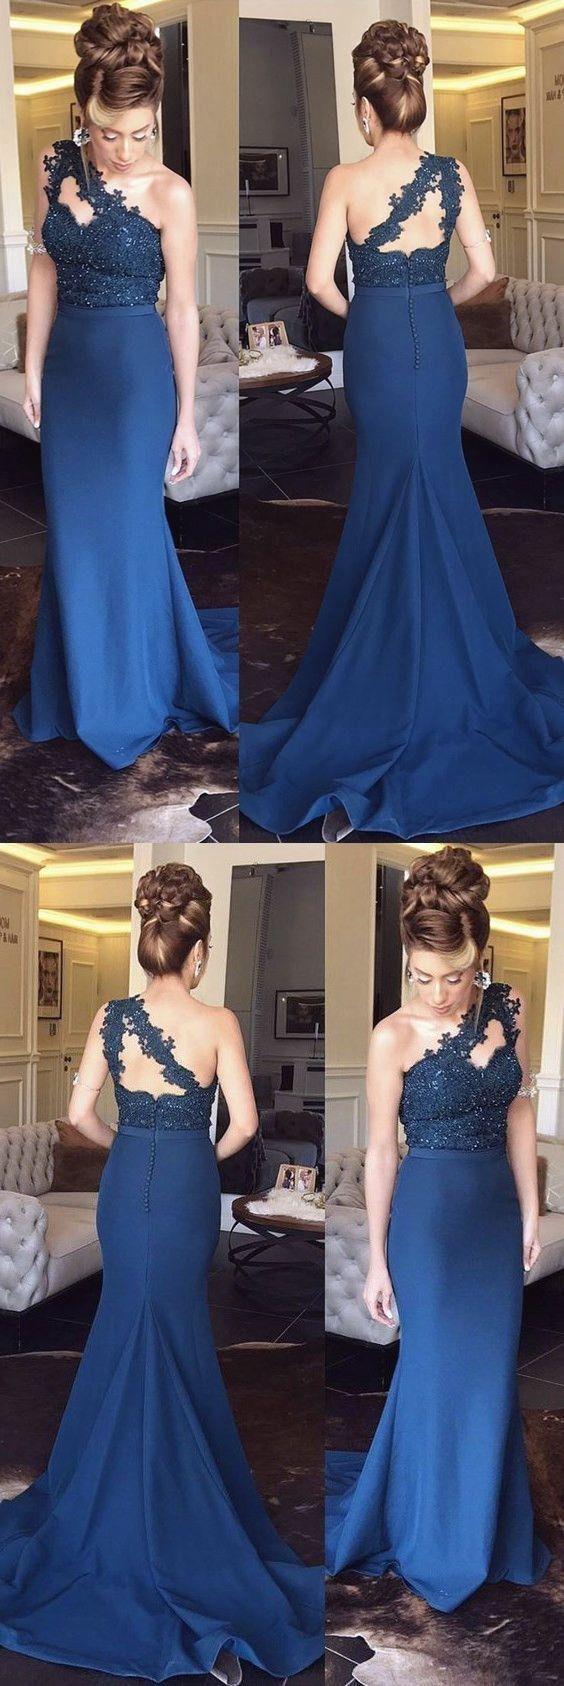 7ec5de691 Navy Blue Lace Mermaid Prom Dress – DACC